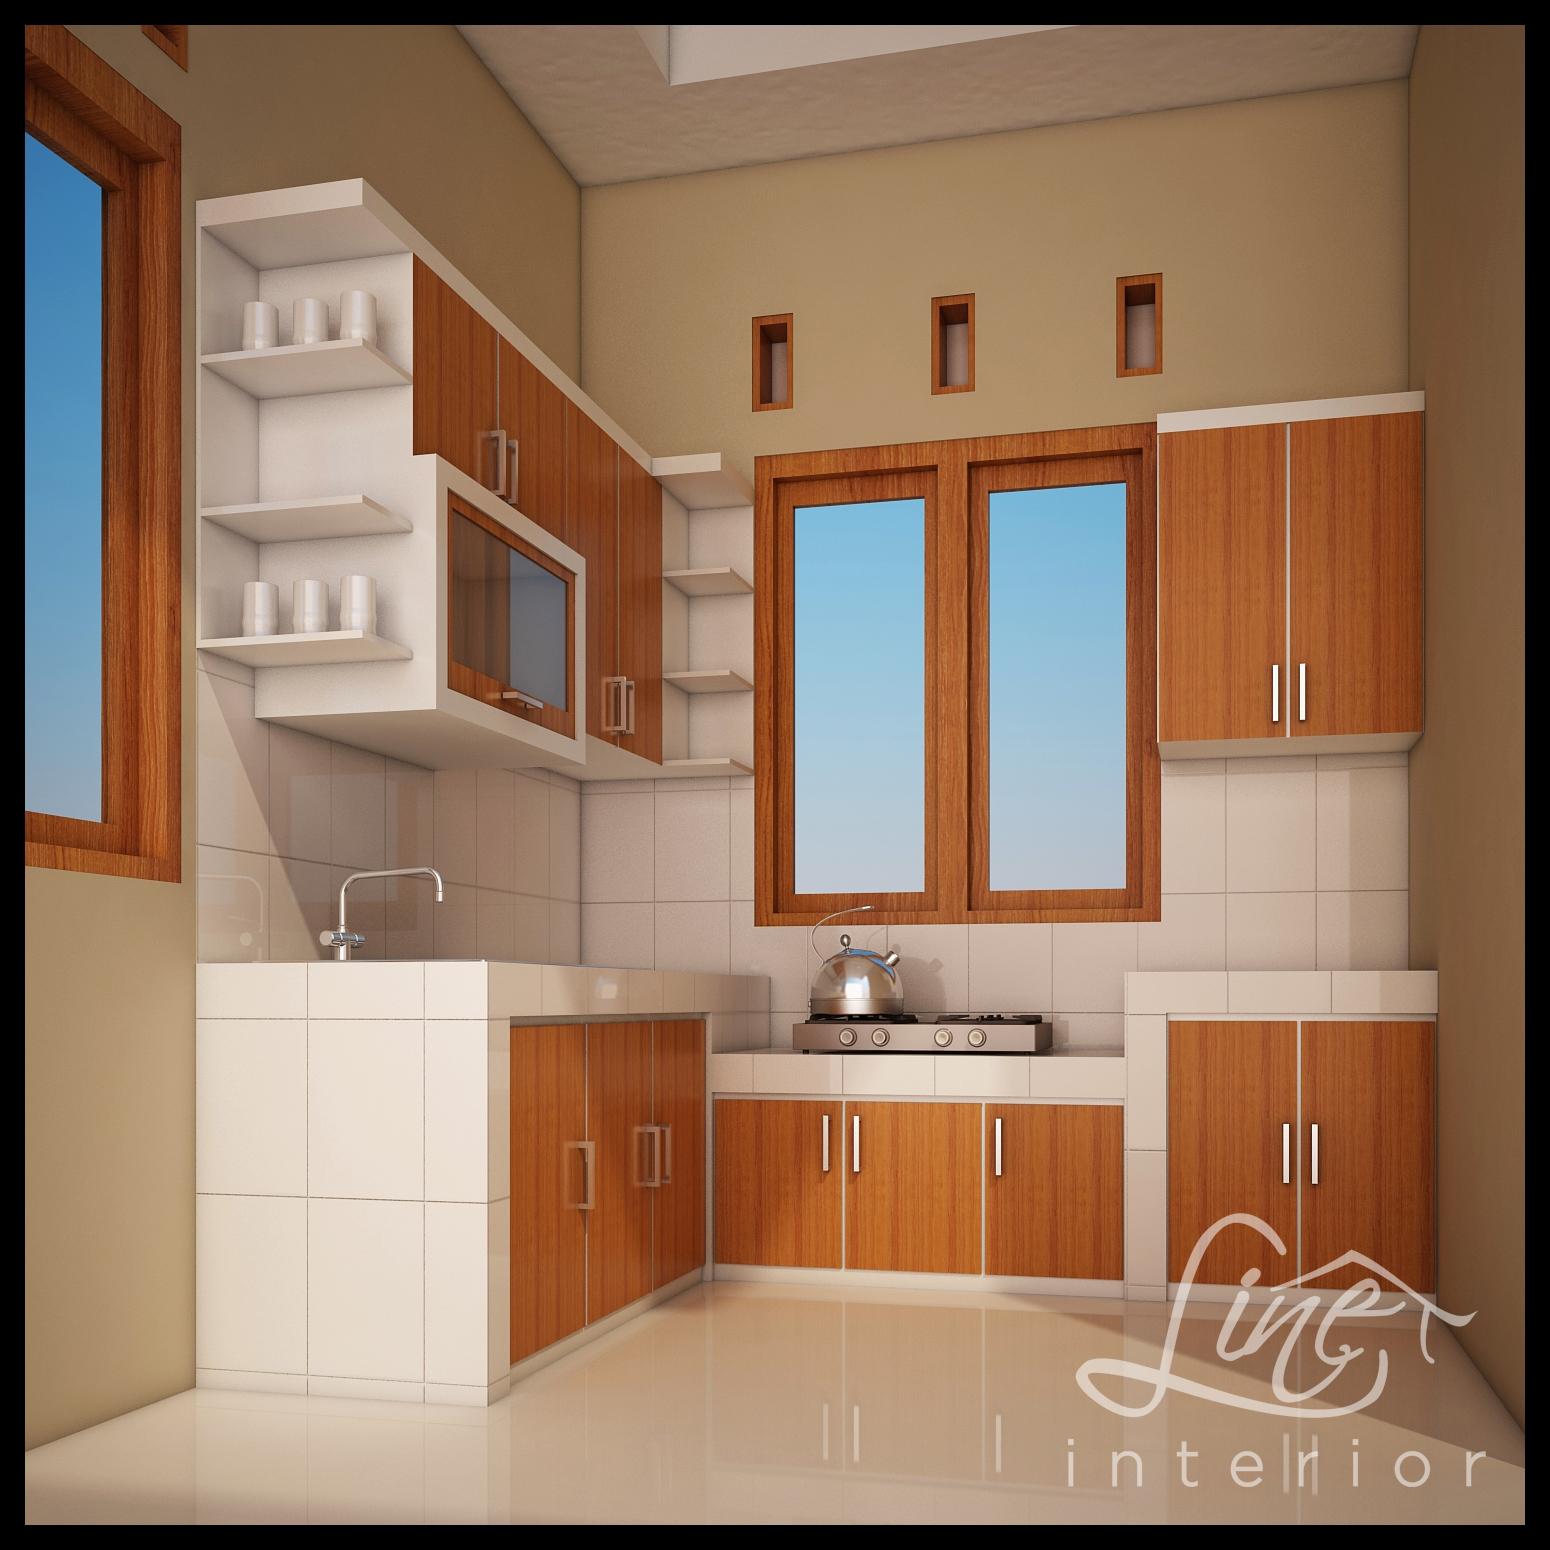 Desain Dapur Malang Bahan Kitchen Set Malang